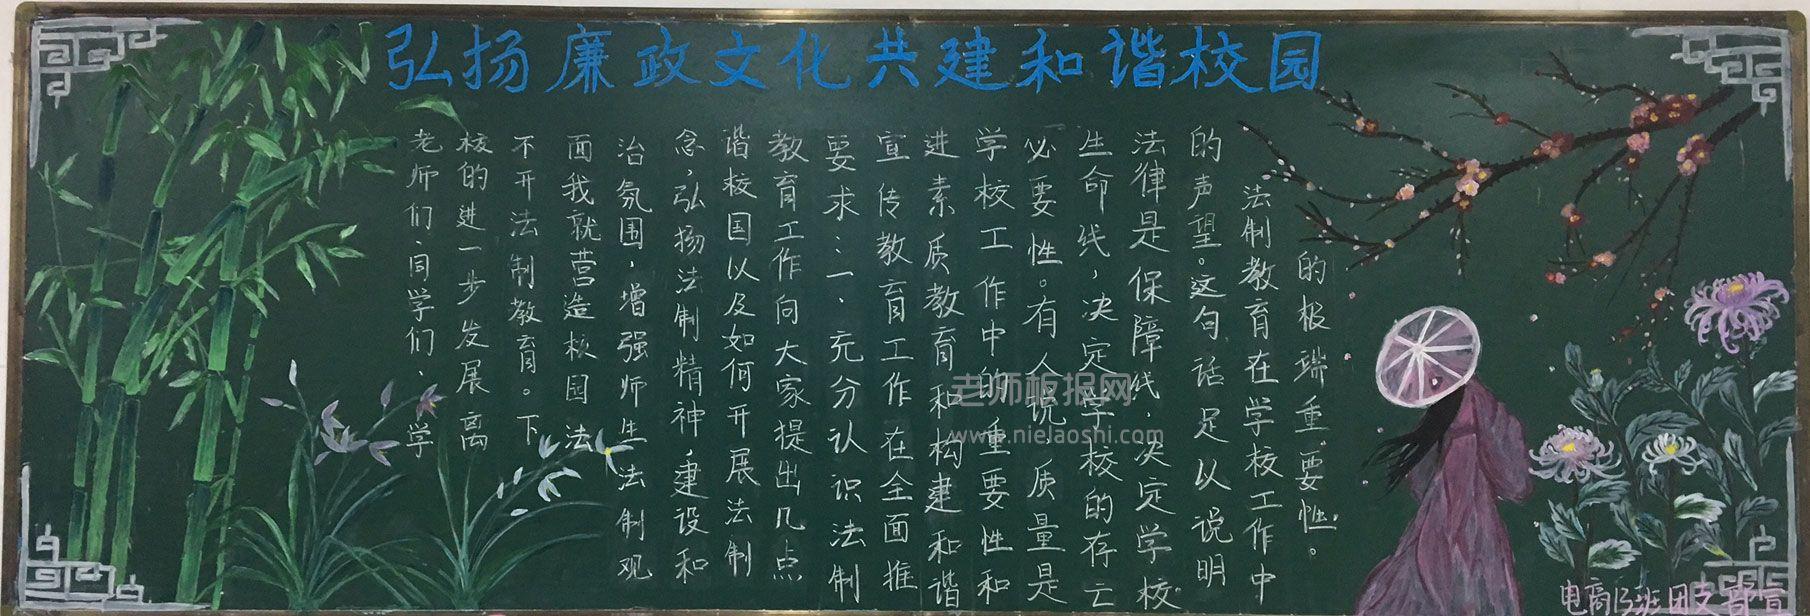 弘扬廉政文化共建和谐校园黑板报